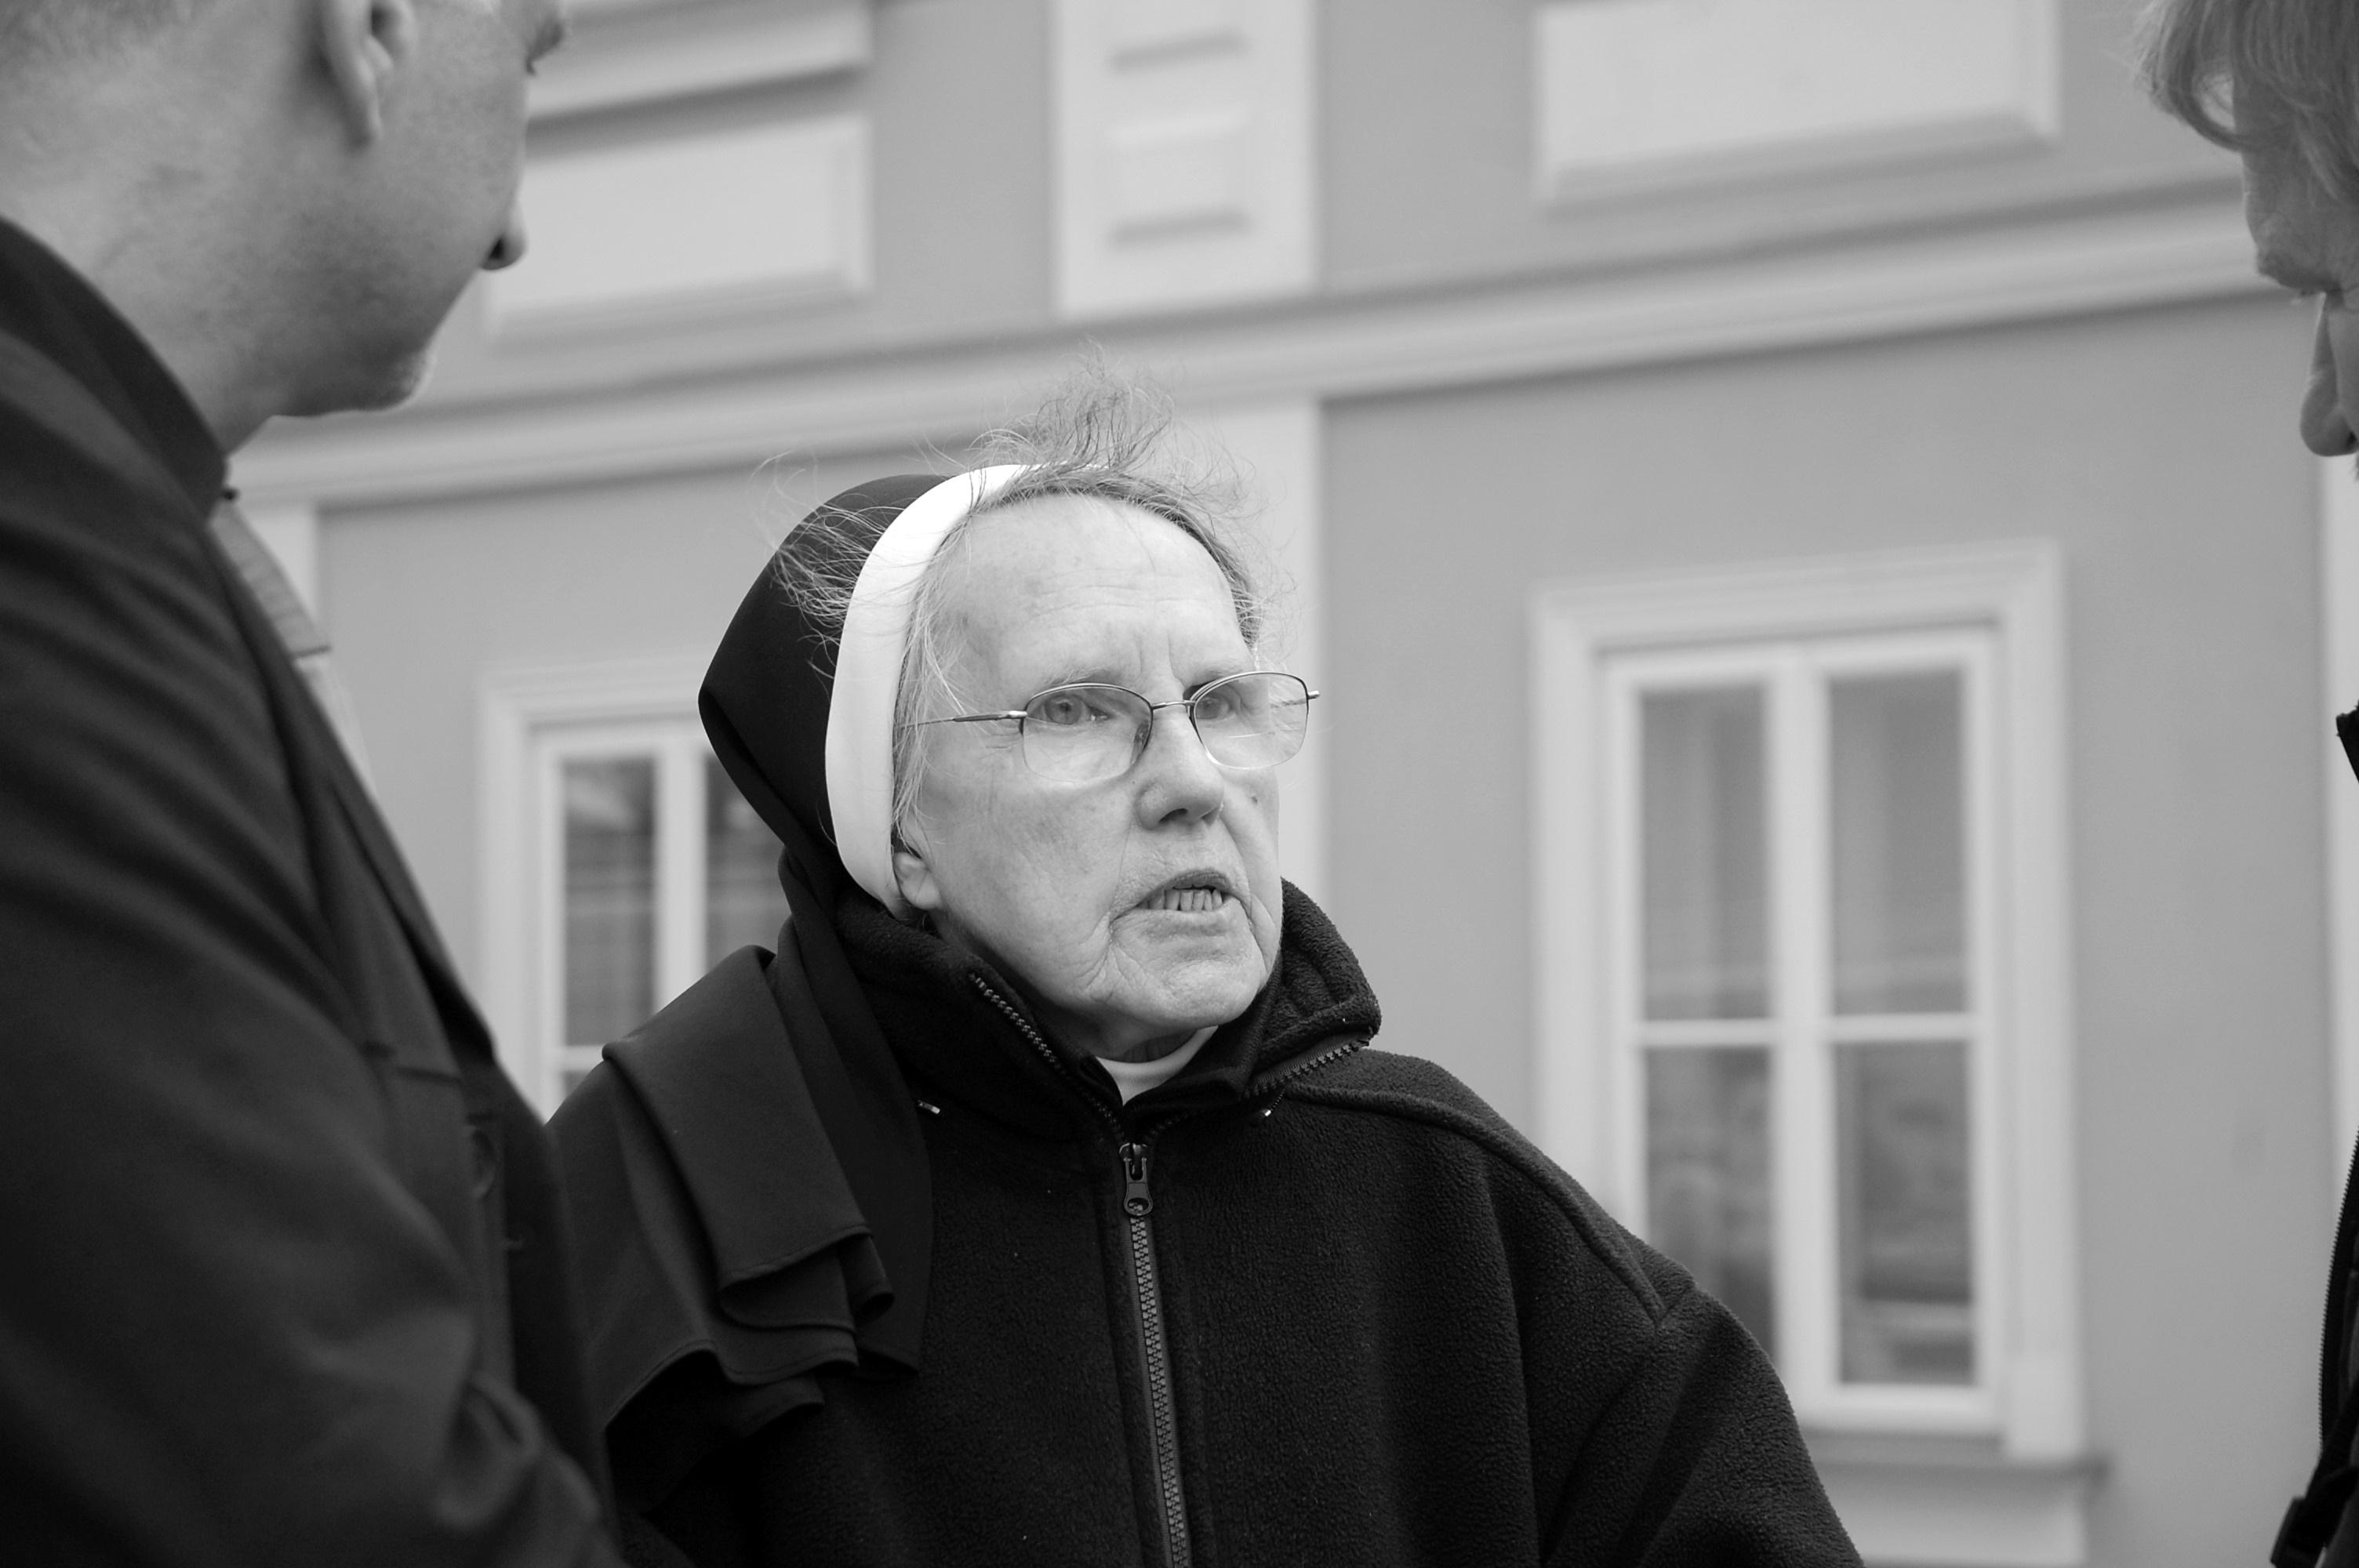 Nie żyje siostra Magdalena, kustosz papieskiego domu i nauczycielka religii